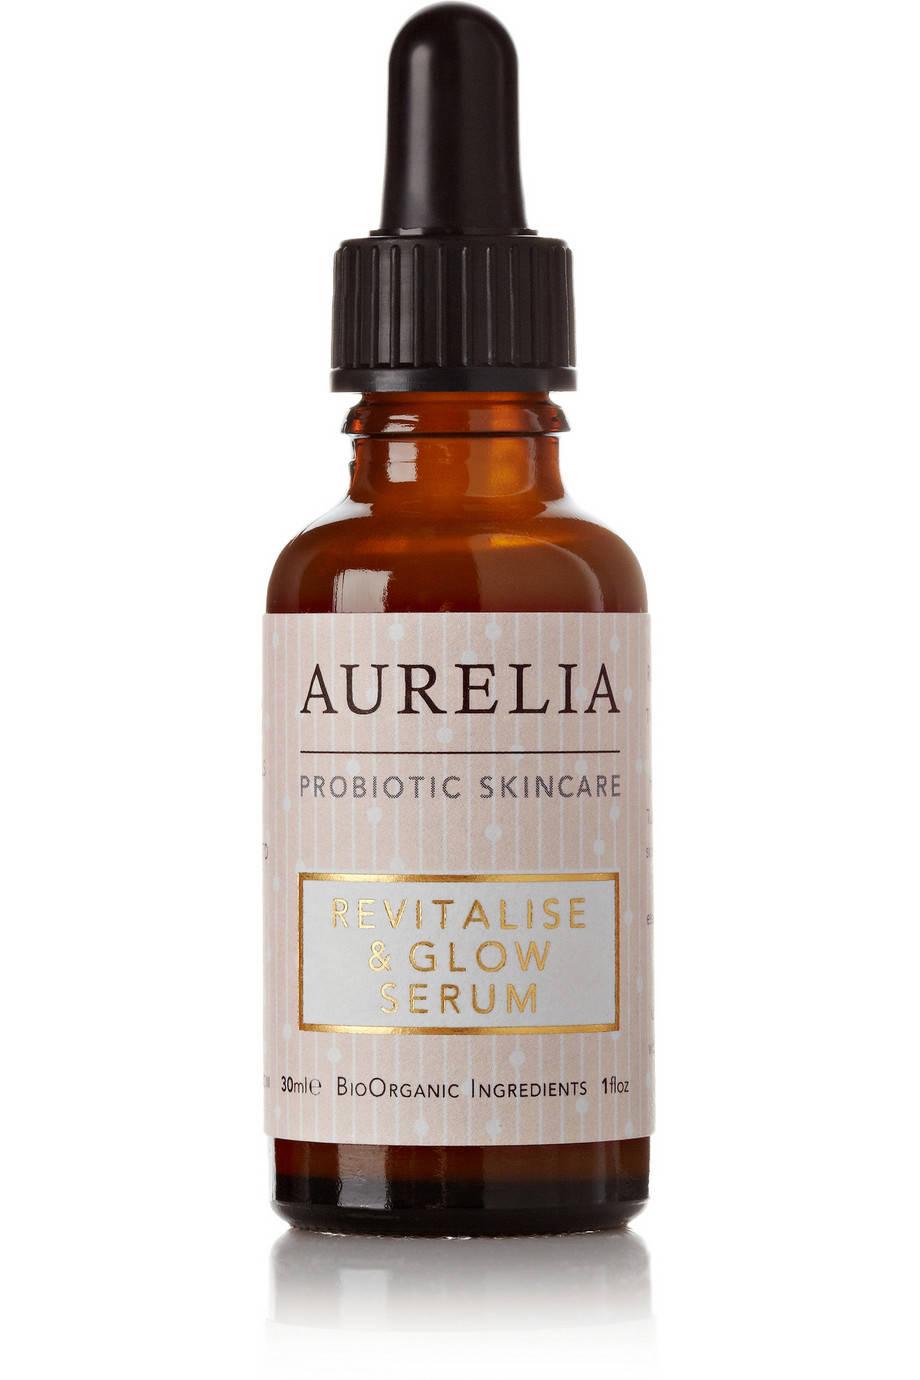 Aurelia skincare's revitalise & glow serum